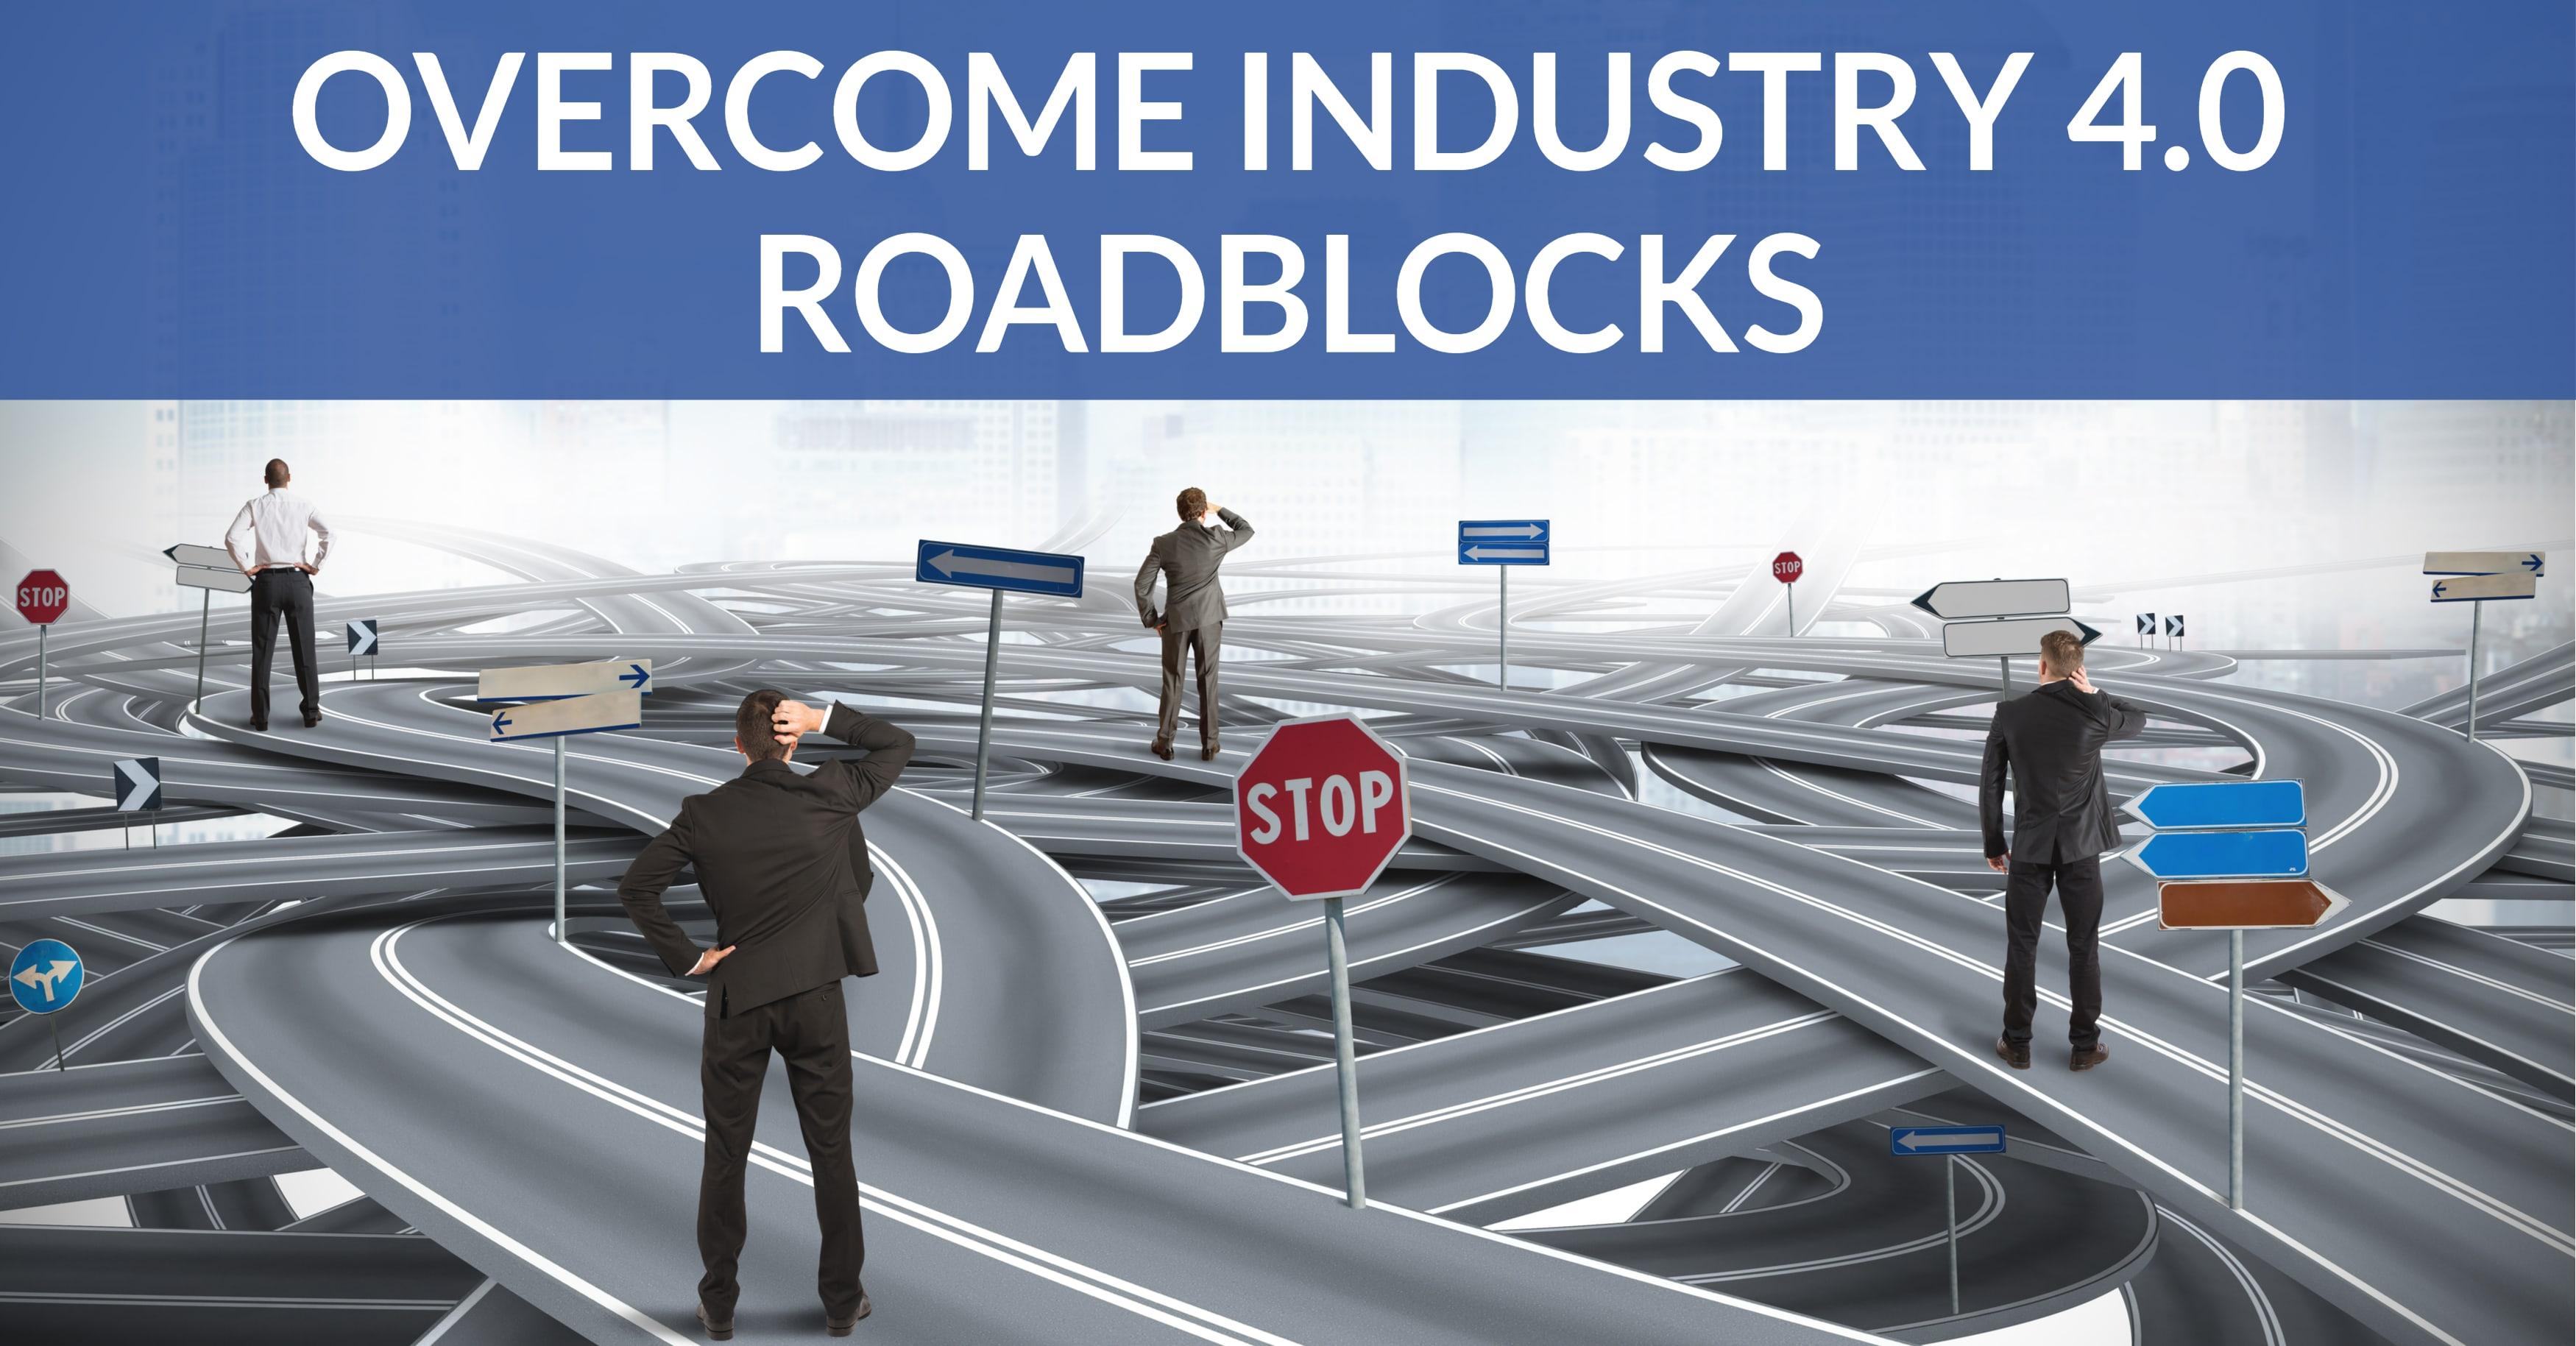 Industry 4.0 Roadblocks